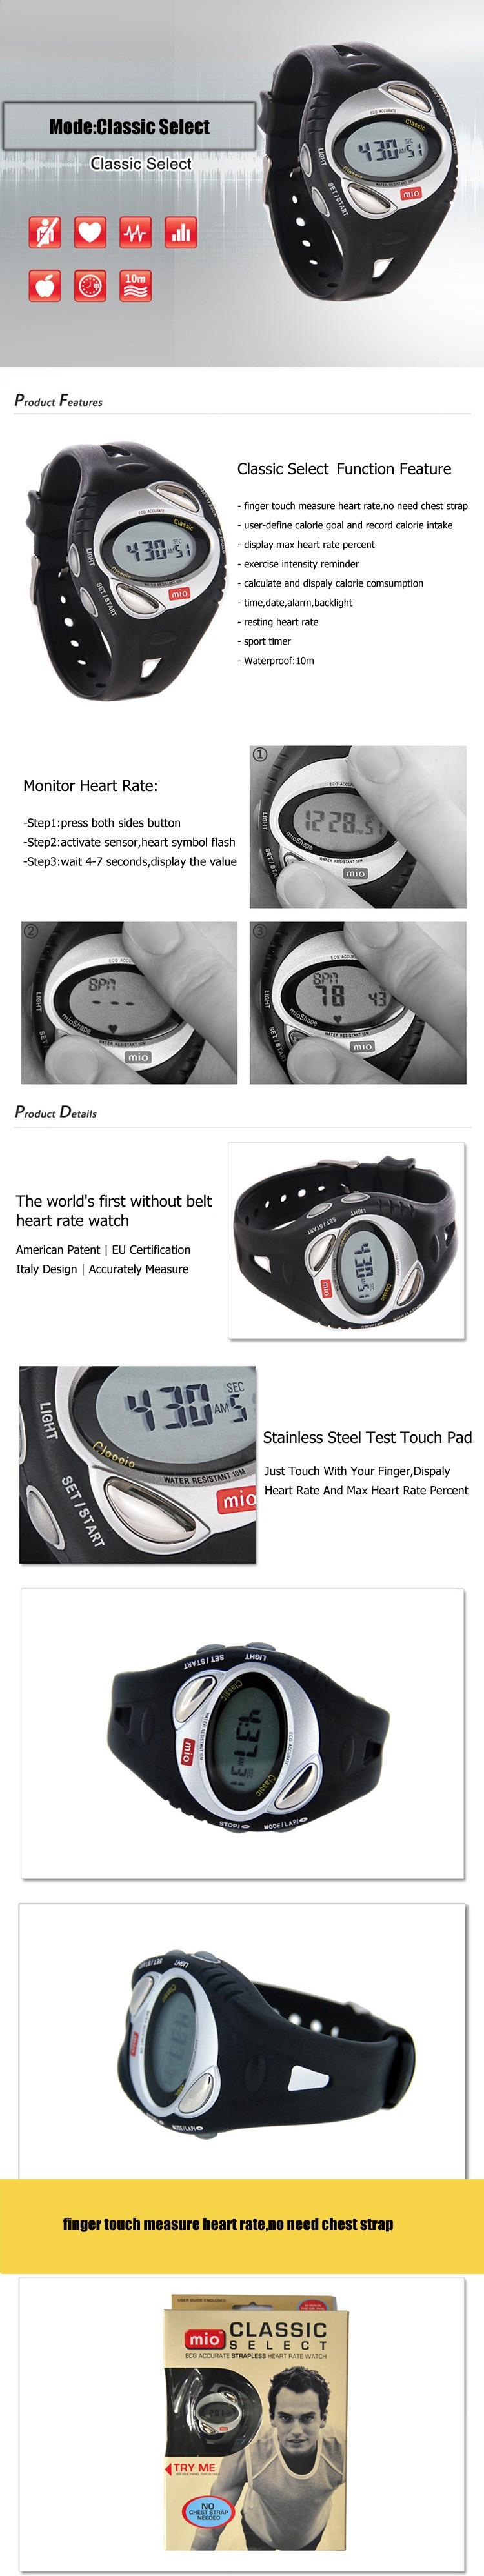 Mio classic smart сердечного ритма sport без кардиопередатчик 3500 обратного отсчета калорий спортивные наручные часы мужчины стиль